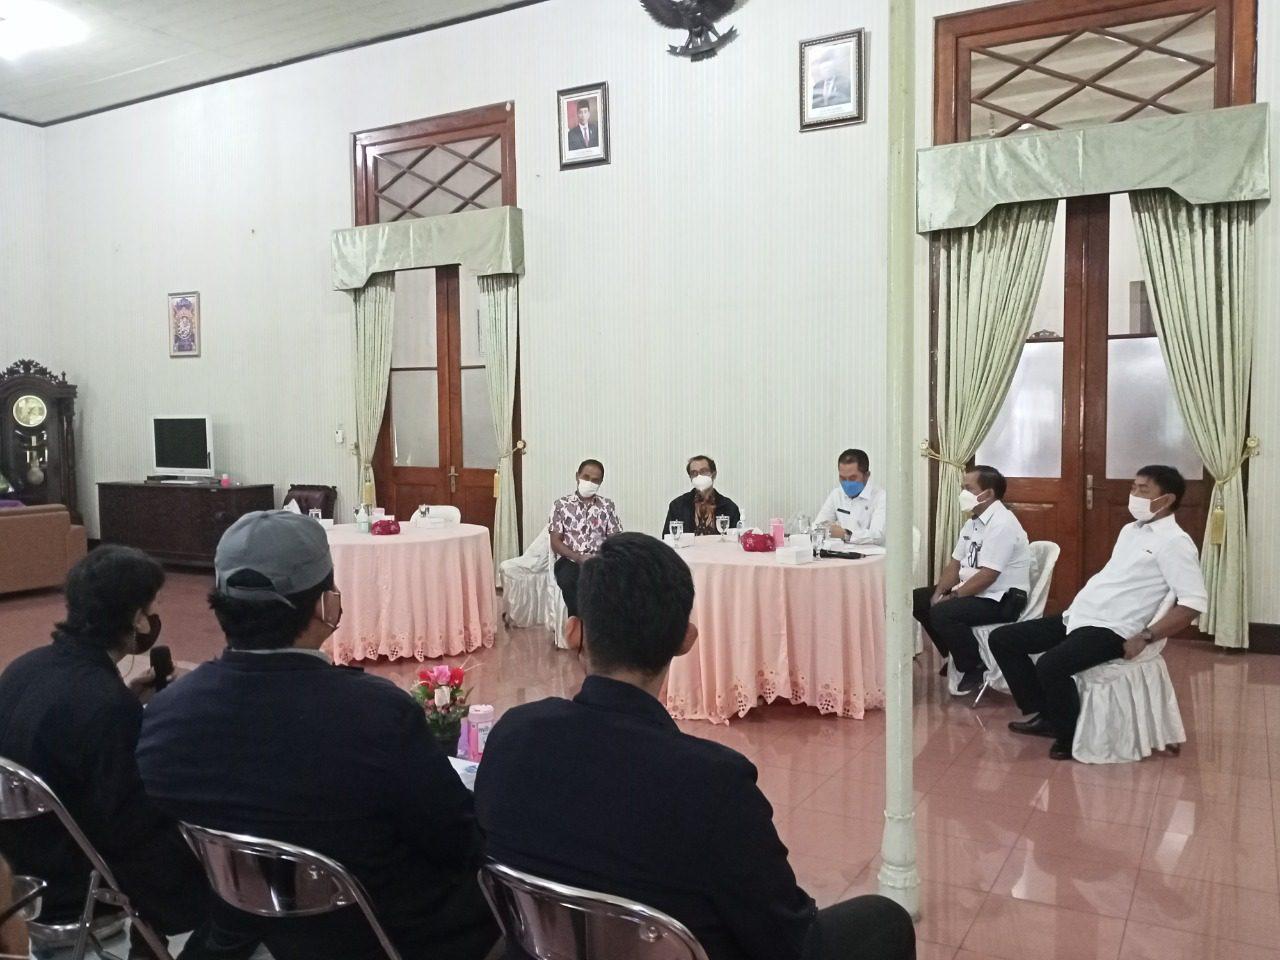 AUDIENSI: Bupati Kudus HM Hartopo Bersama Ketua Yayasan UMK dan Beberapa Mahasiswa Saat Audiensi di Pendopo